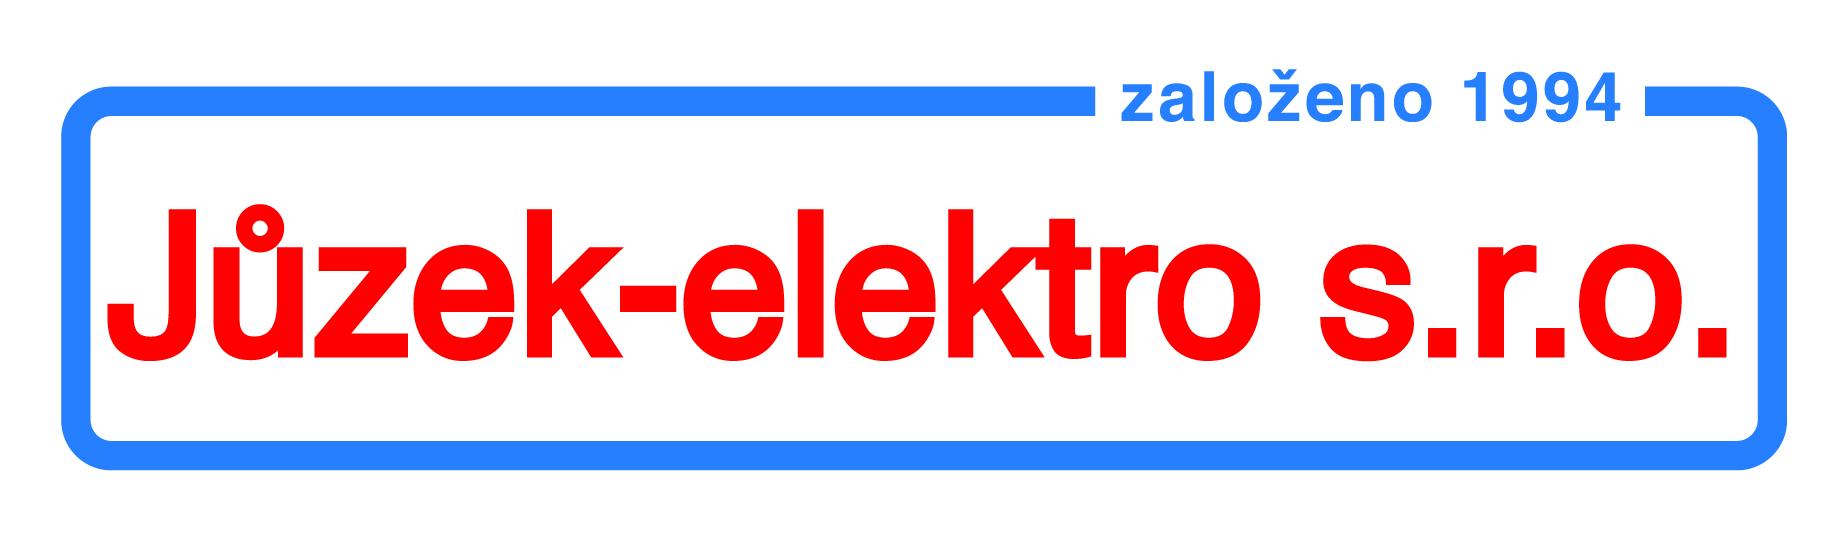 JABLOTRON, platinový montážní partner Jůzek-elektro s.r.o.